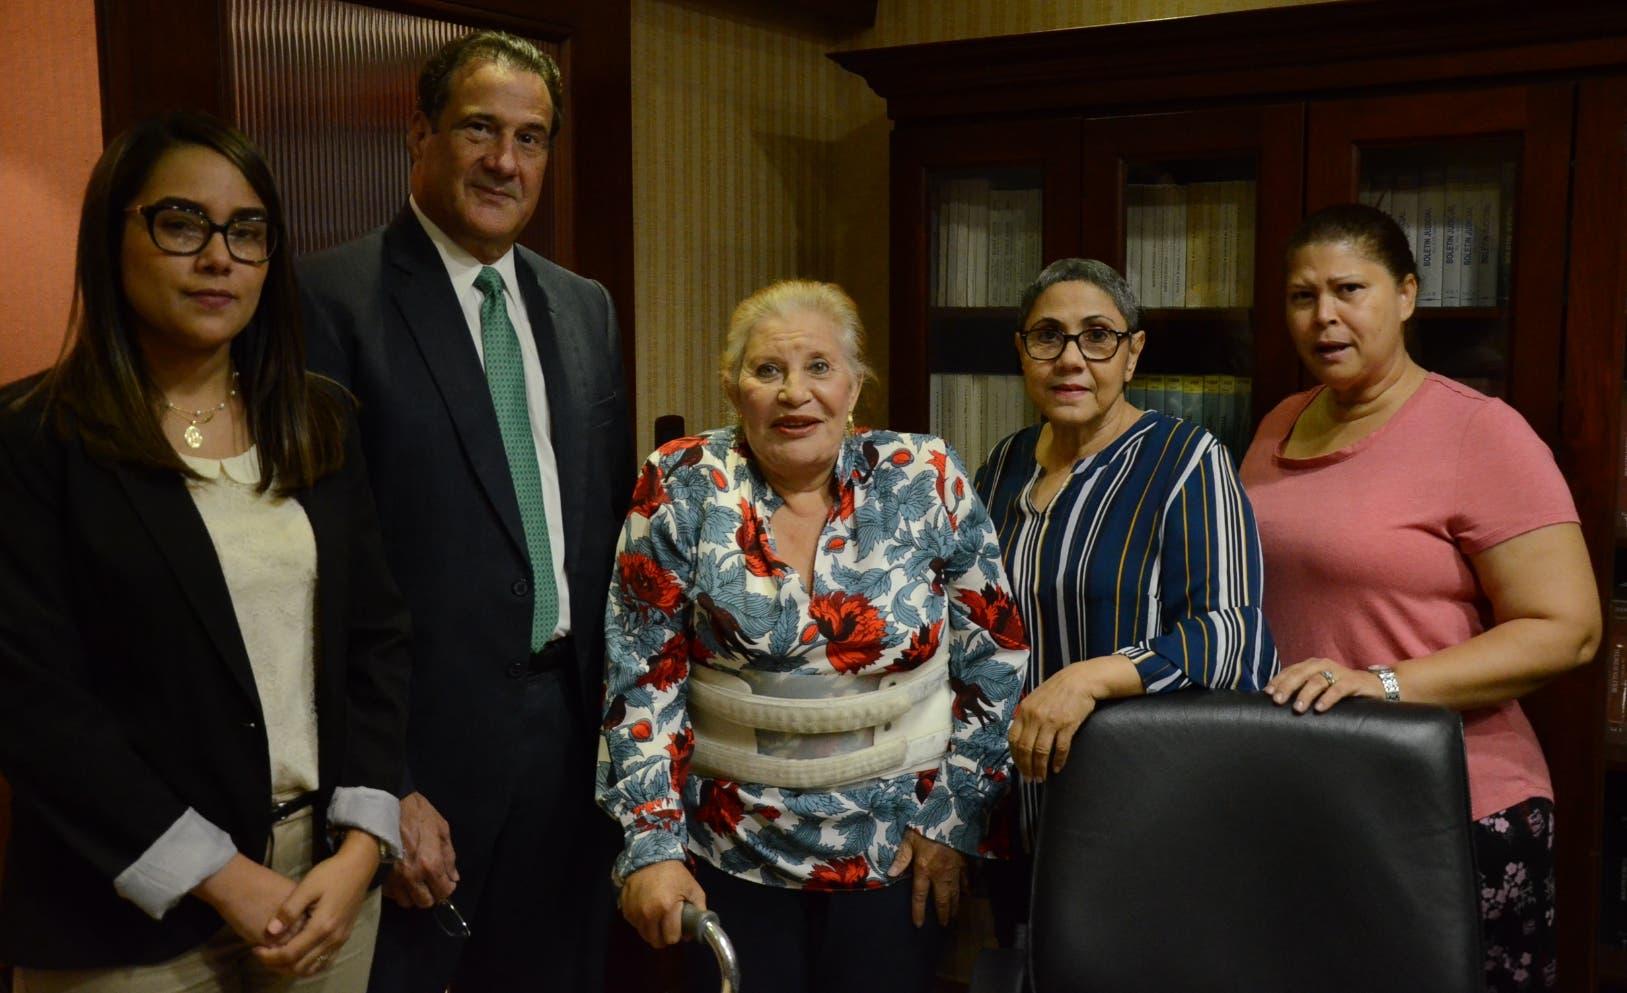 Los abogados Nellys Rivas y Gustavo Biaggi, las víctimas Sofía  Funes, Altagracia Holguín y Glennys Grullón.  José de León